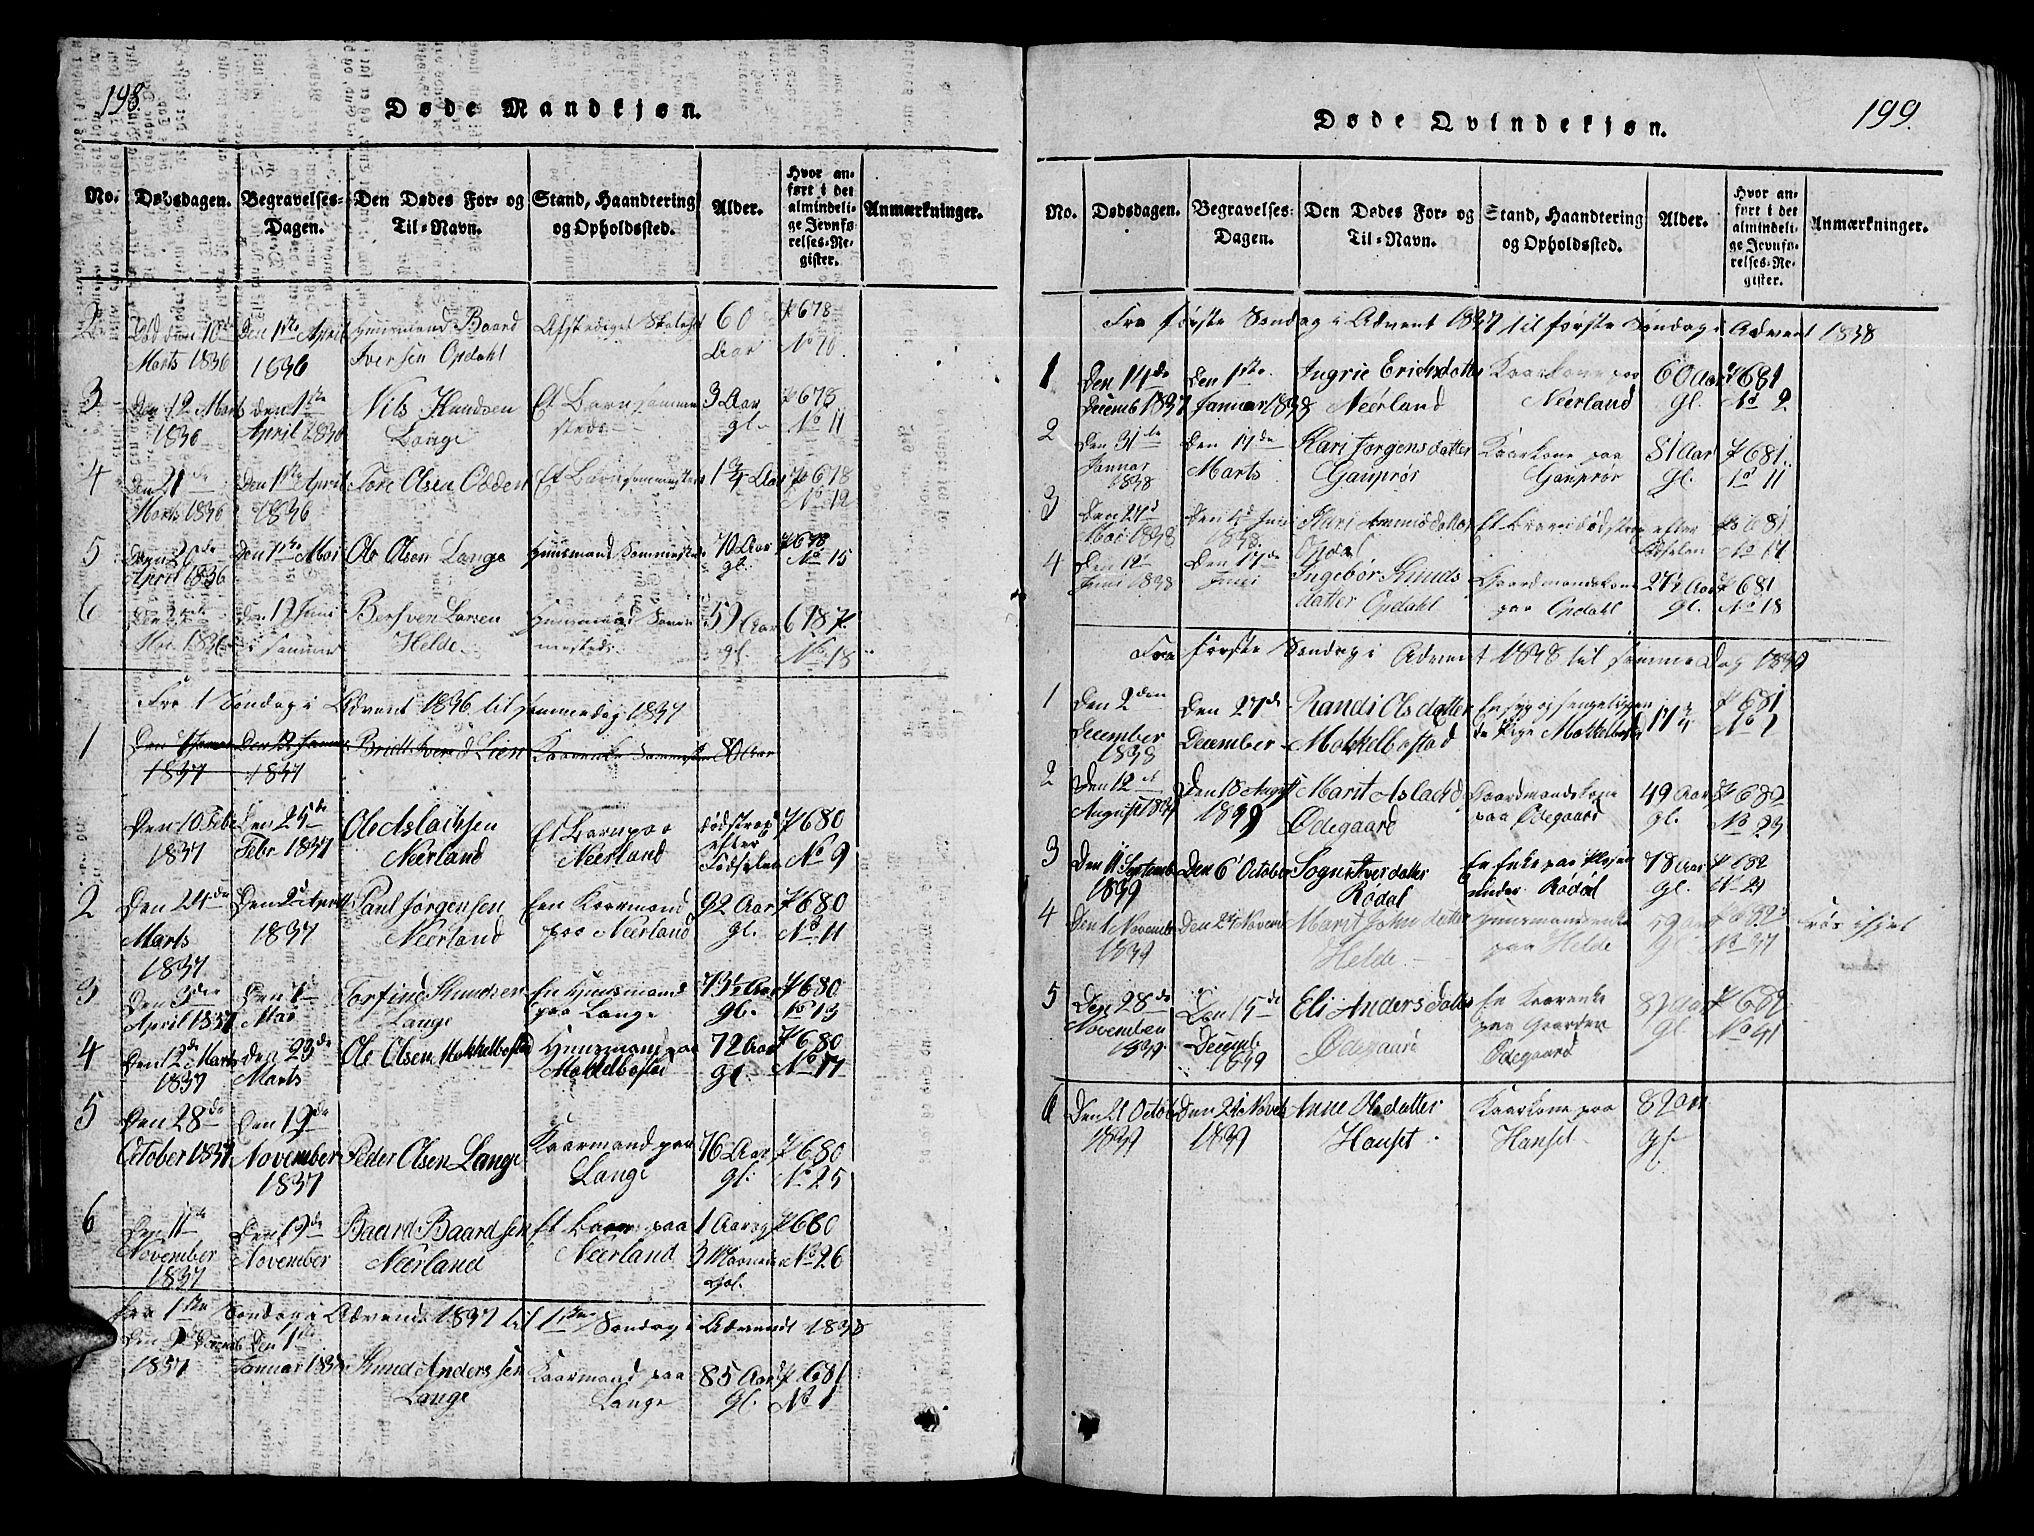 SAT, Ministerialprotokoller, klokkerbøker og fødselsregistre - Møre og Romsdal, 554/L0644: Klokkerbok nr. 554C01, 1818-1851, s. 198-199